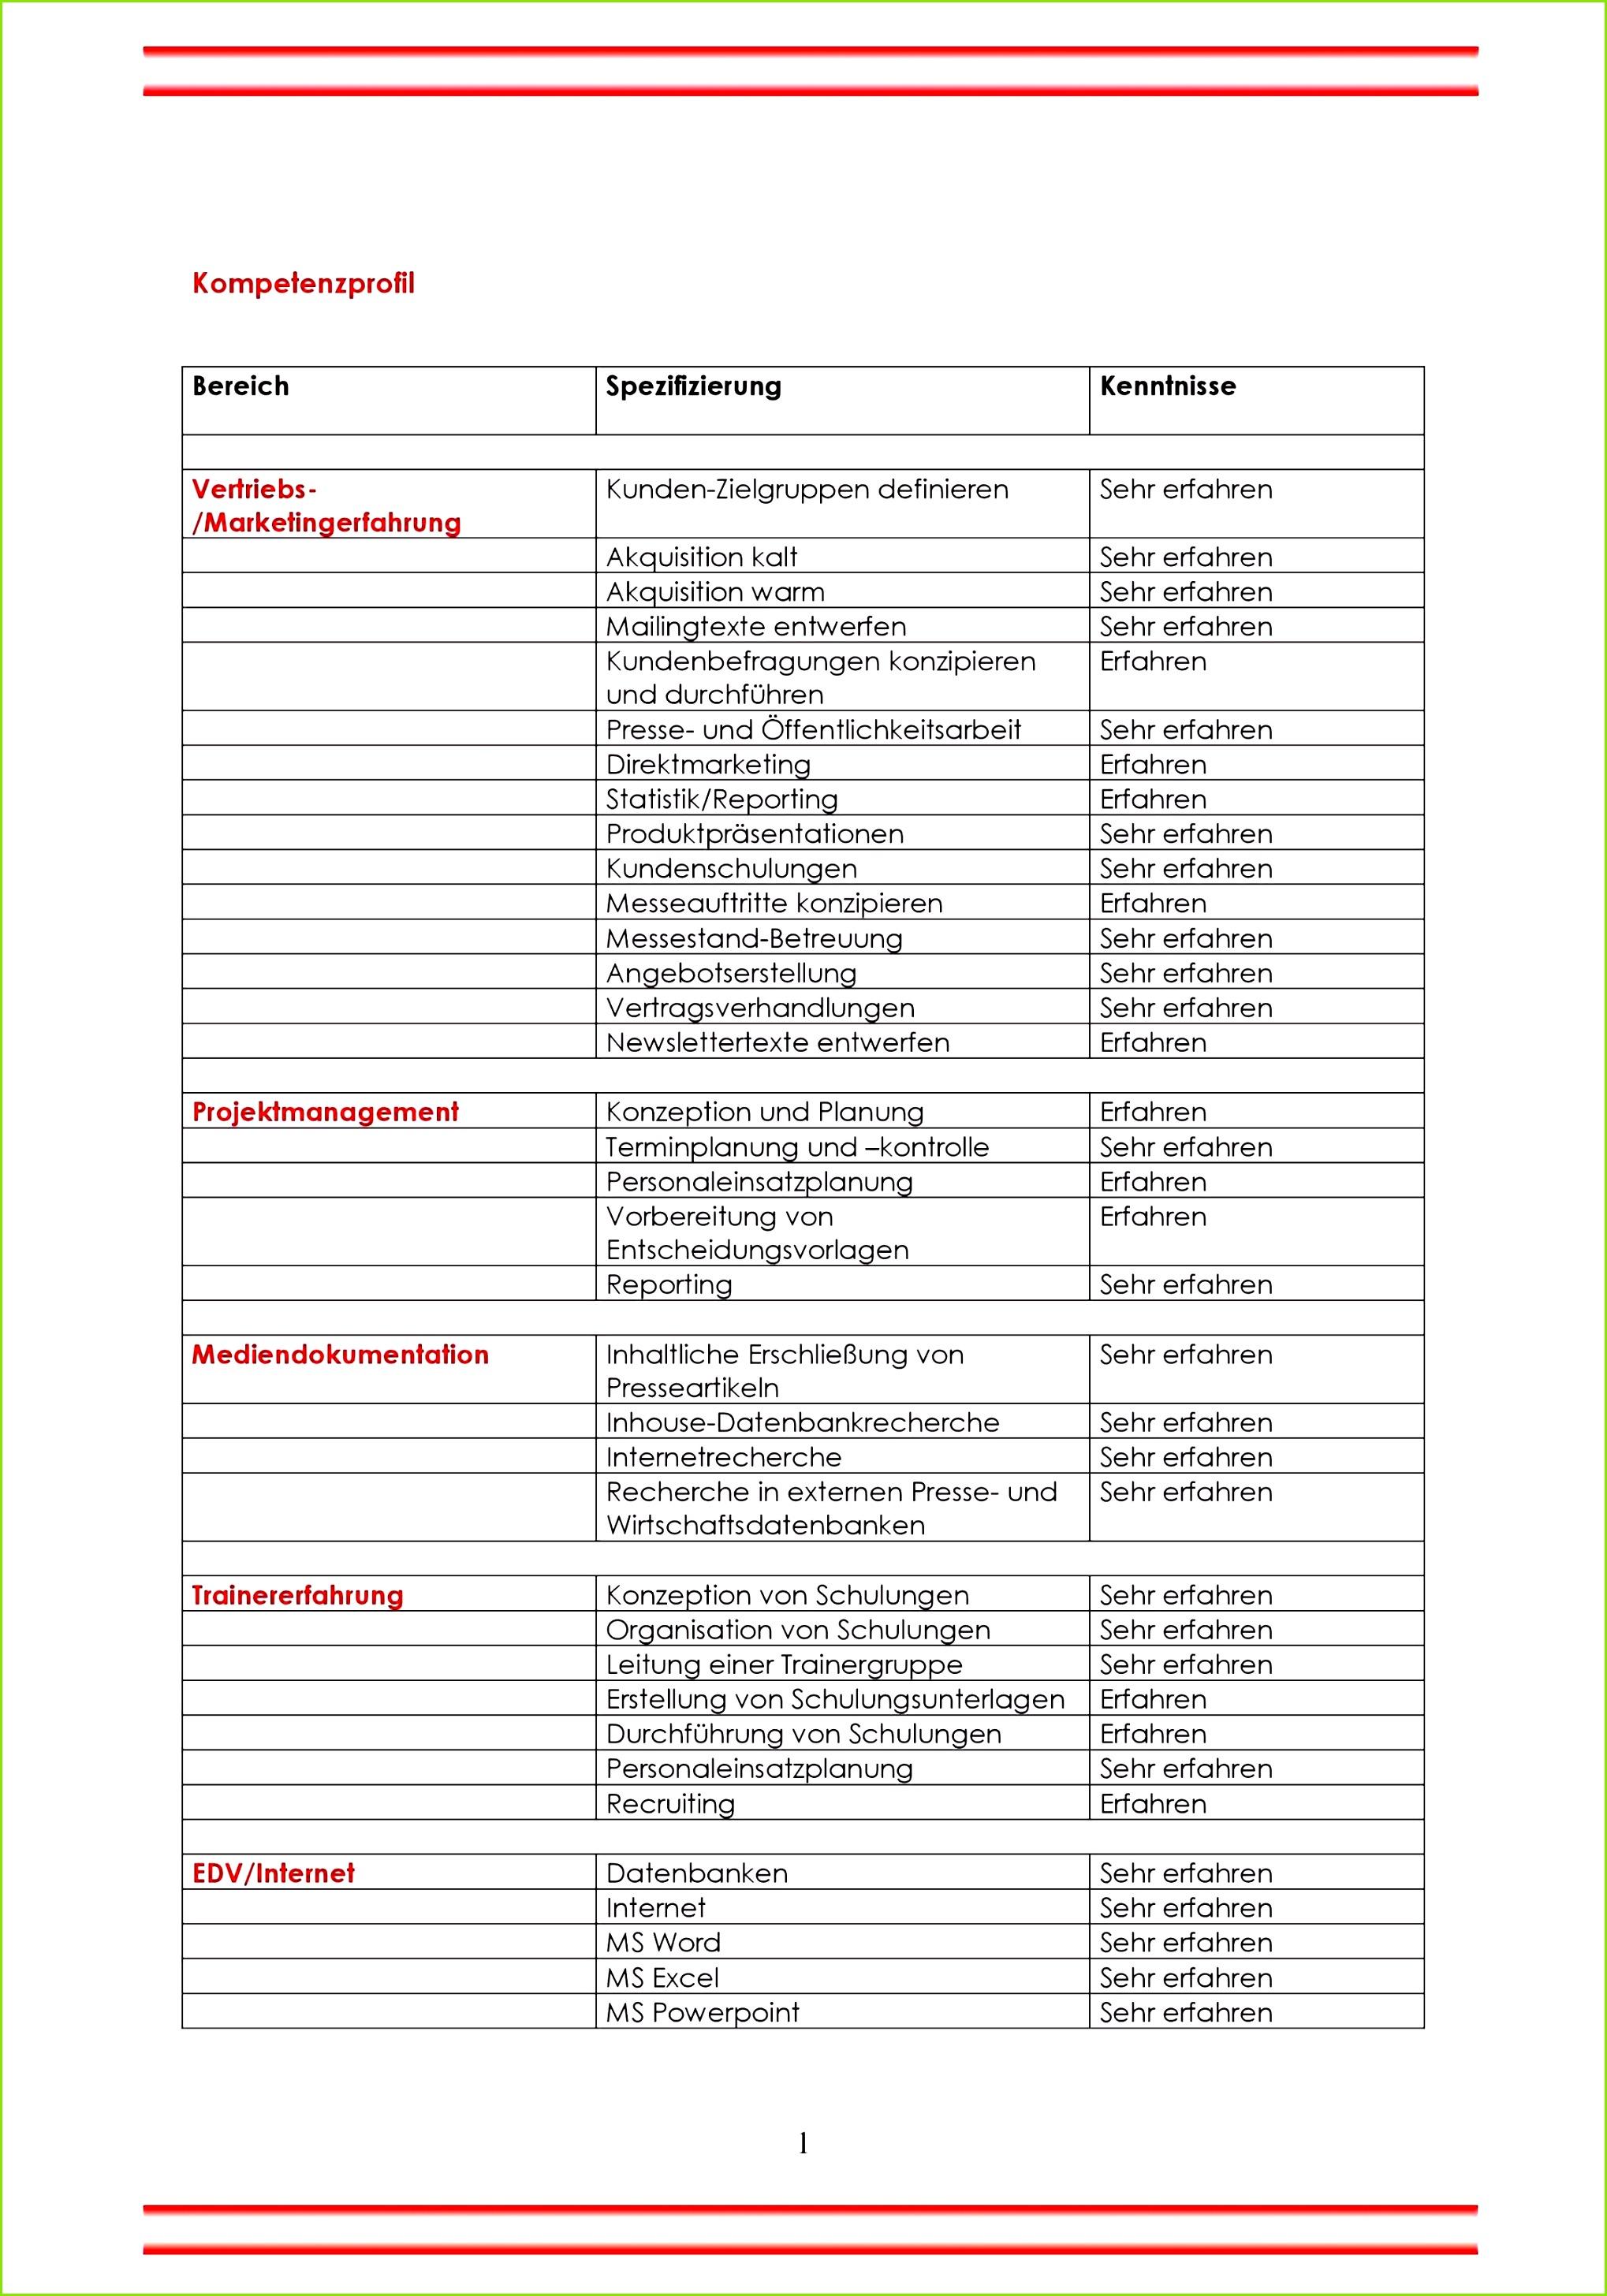 kaufmännische Angestellte Beispiel Anschreiben Initiativbewerbung Formulierung Qualifikationsprofil